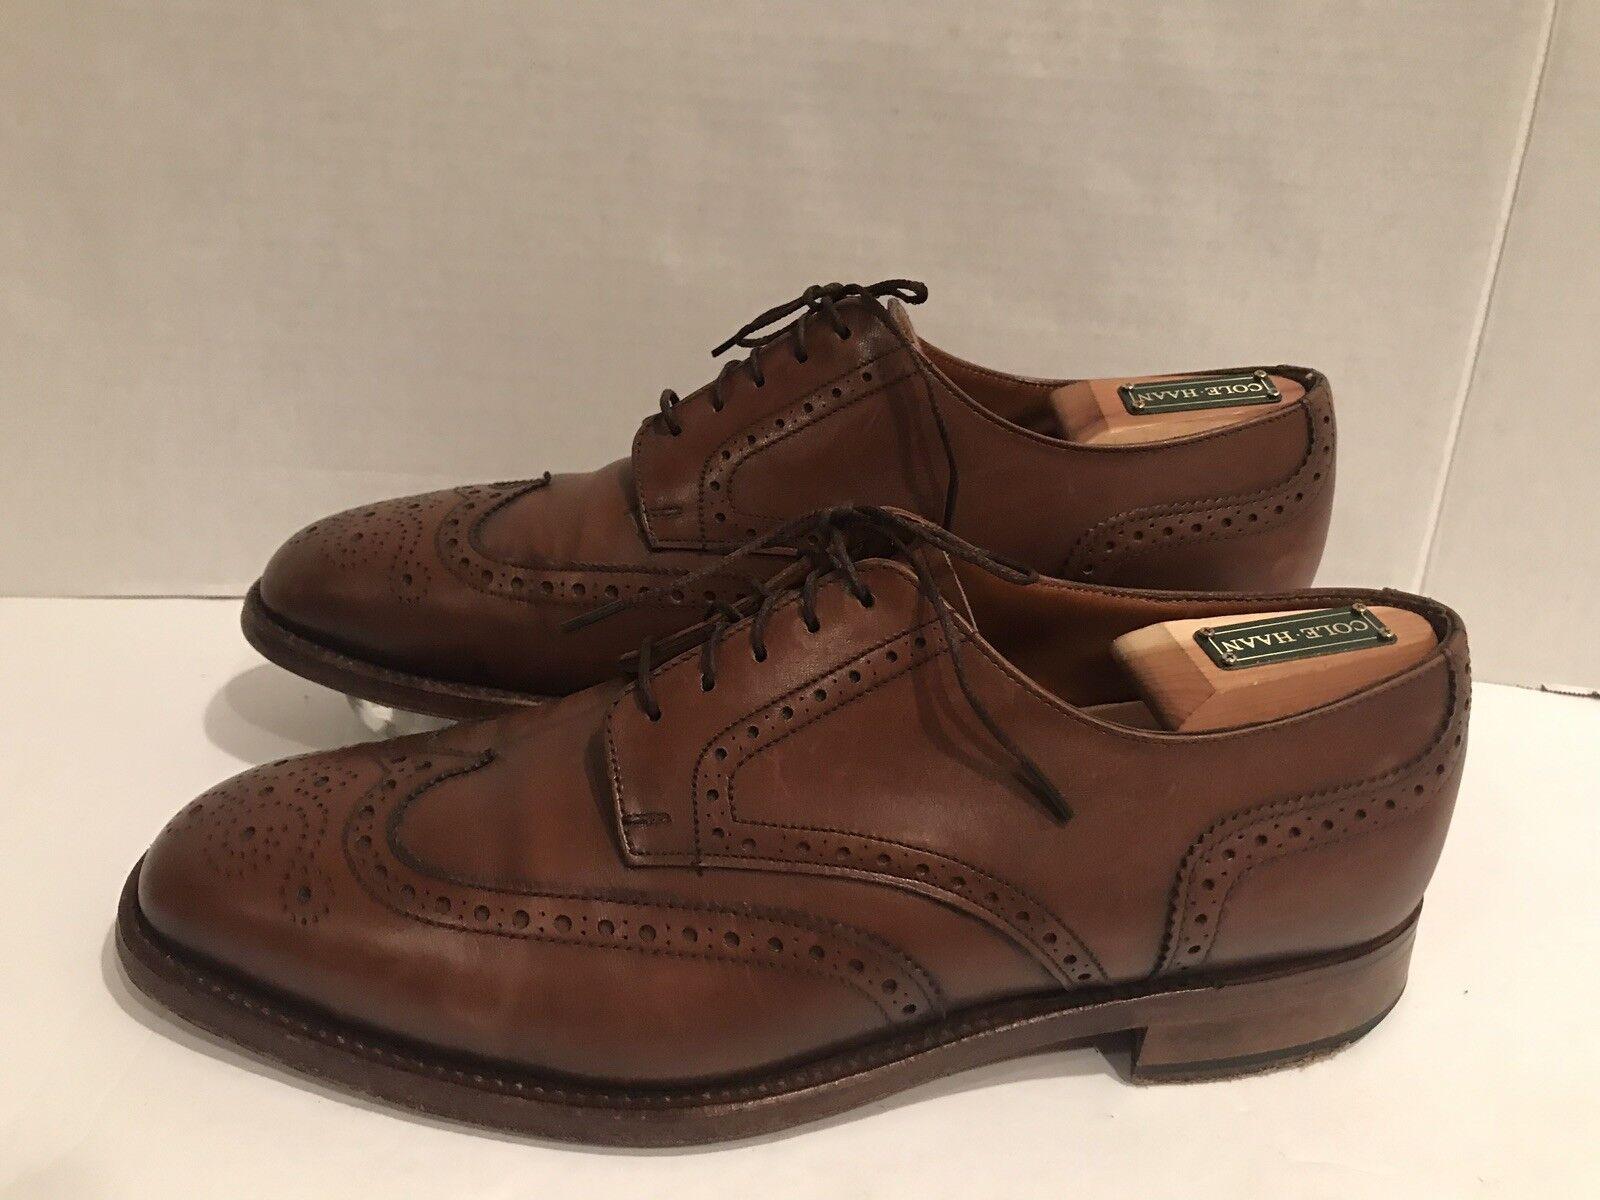 il più economico Steed Ambassador Collection Collection Collection Uomo Marrone Leather Wingtip Dress scarpe Dimensione 10.5 D  online economico